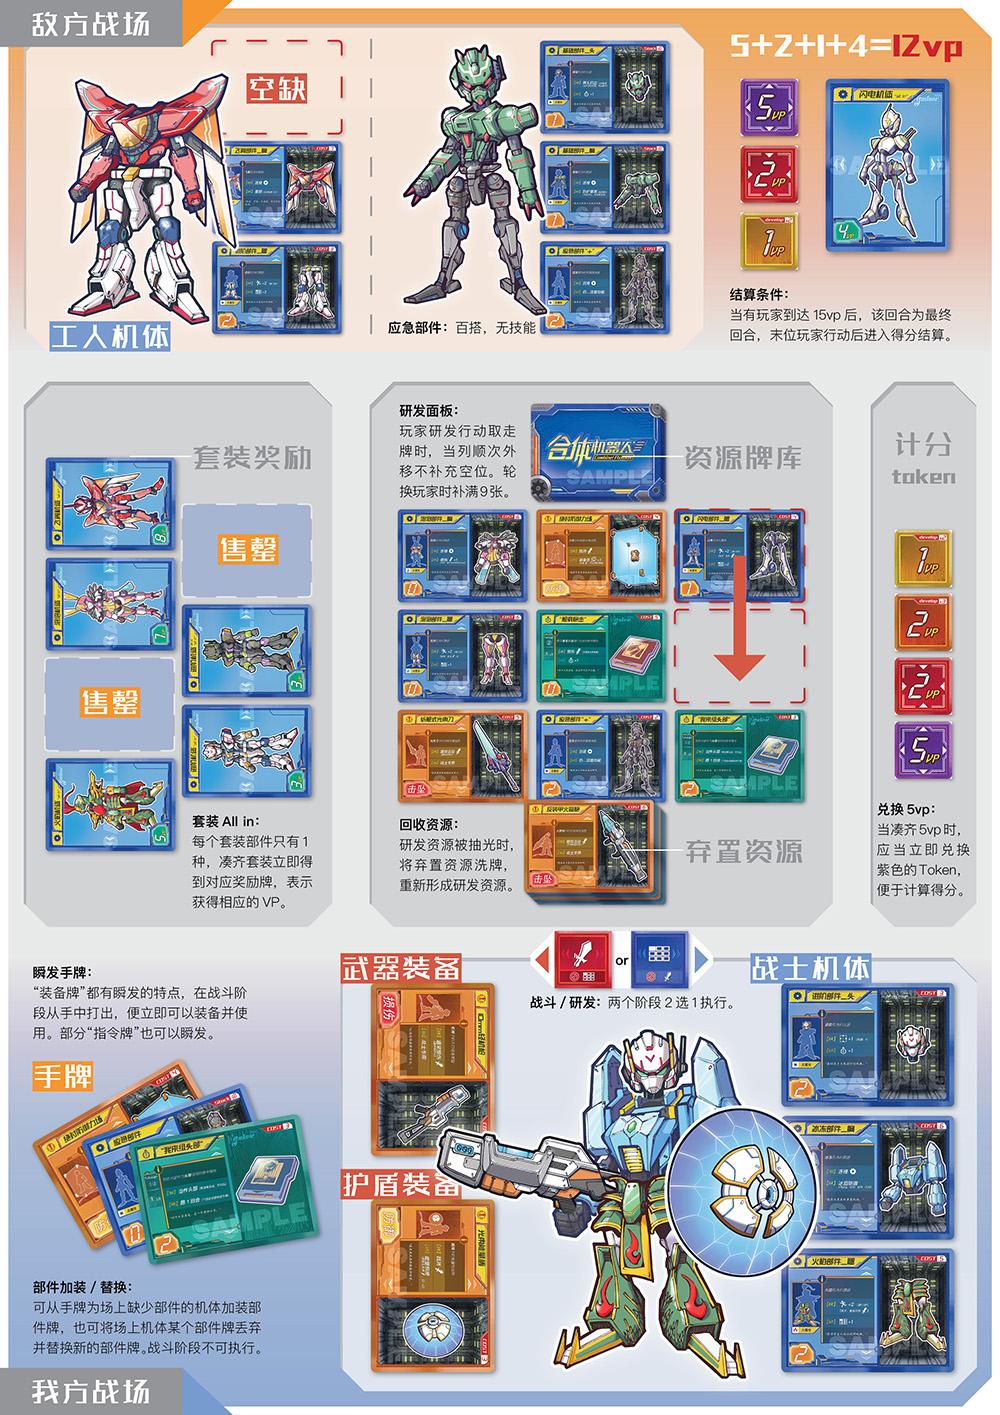 《合体机器人》快速指南_双方战场 1000px.jpg